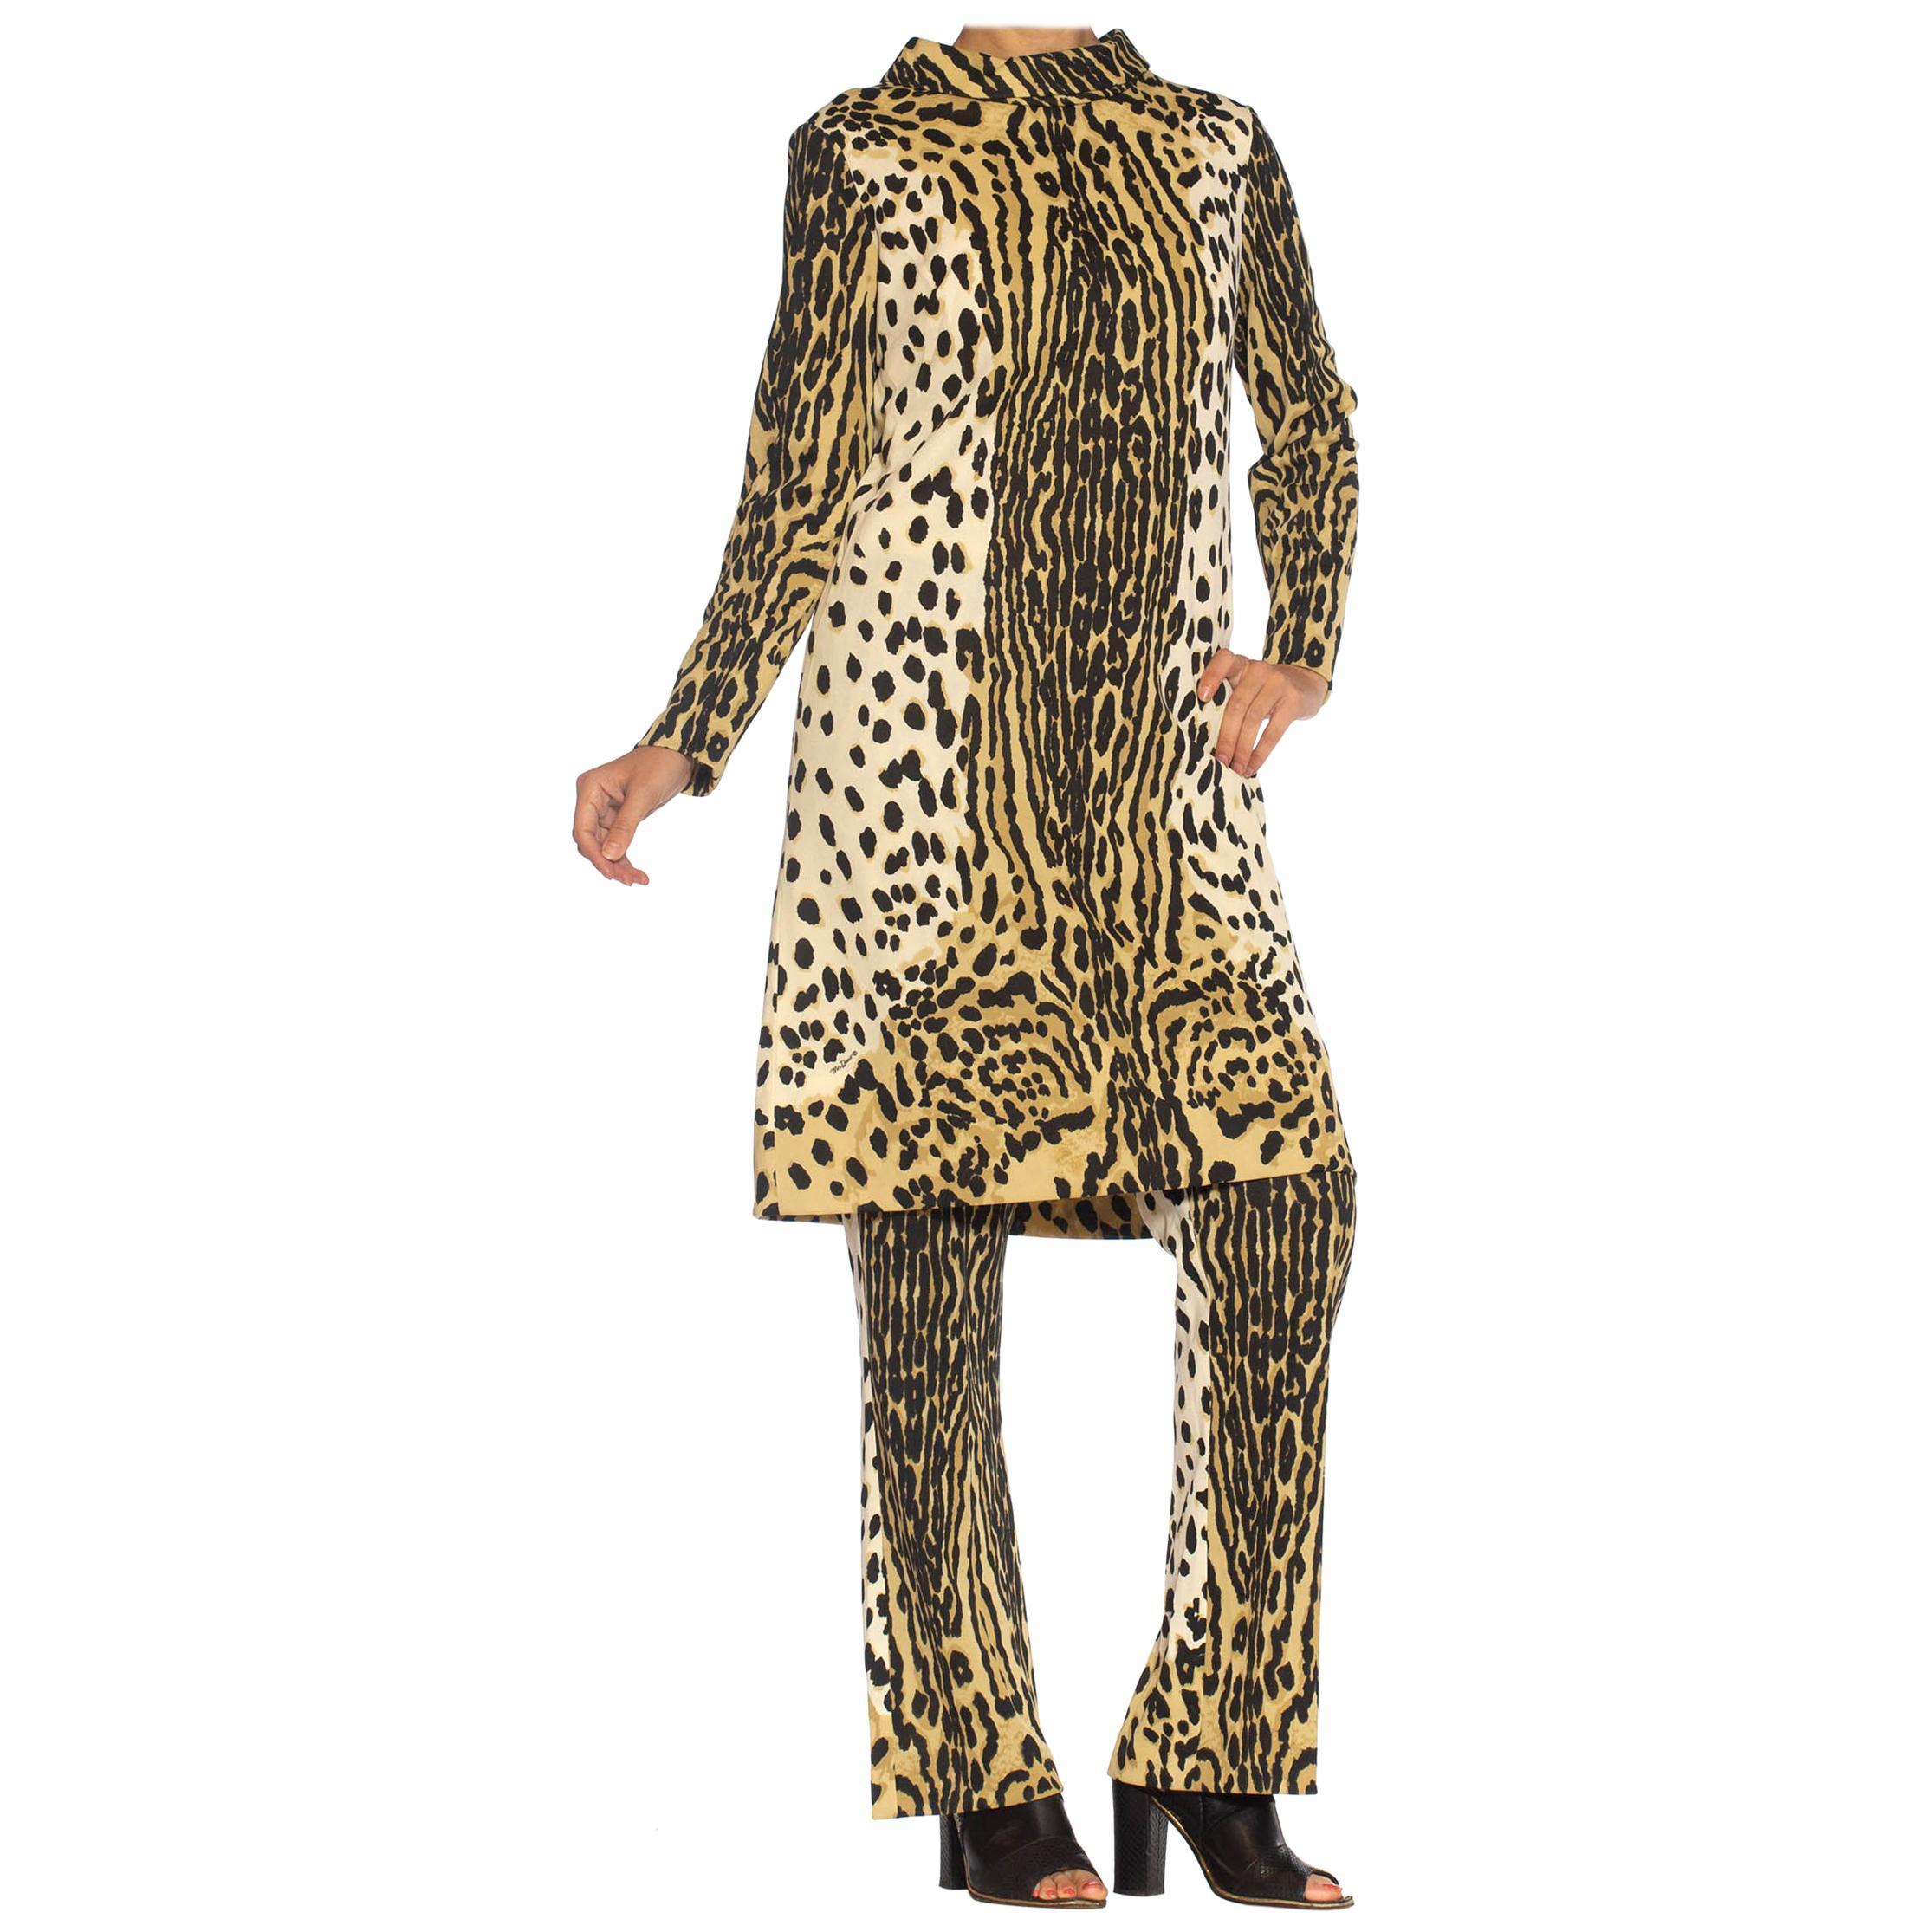 1960S MR. DINO Leopard Print Polyester Knit Tunic & Pants Ensemble